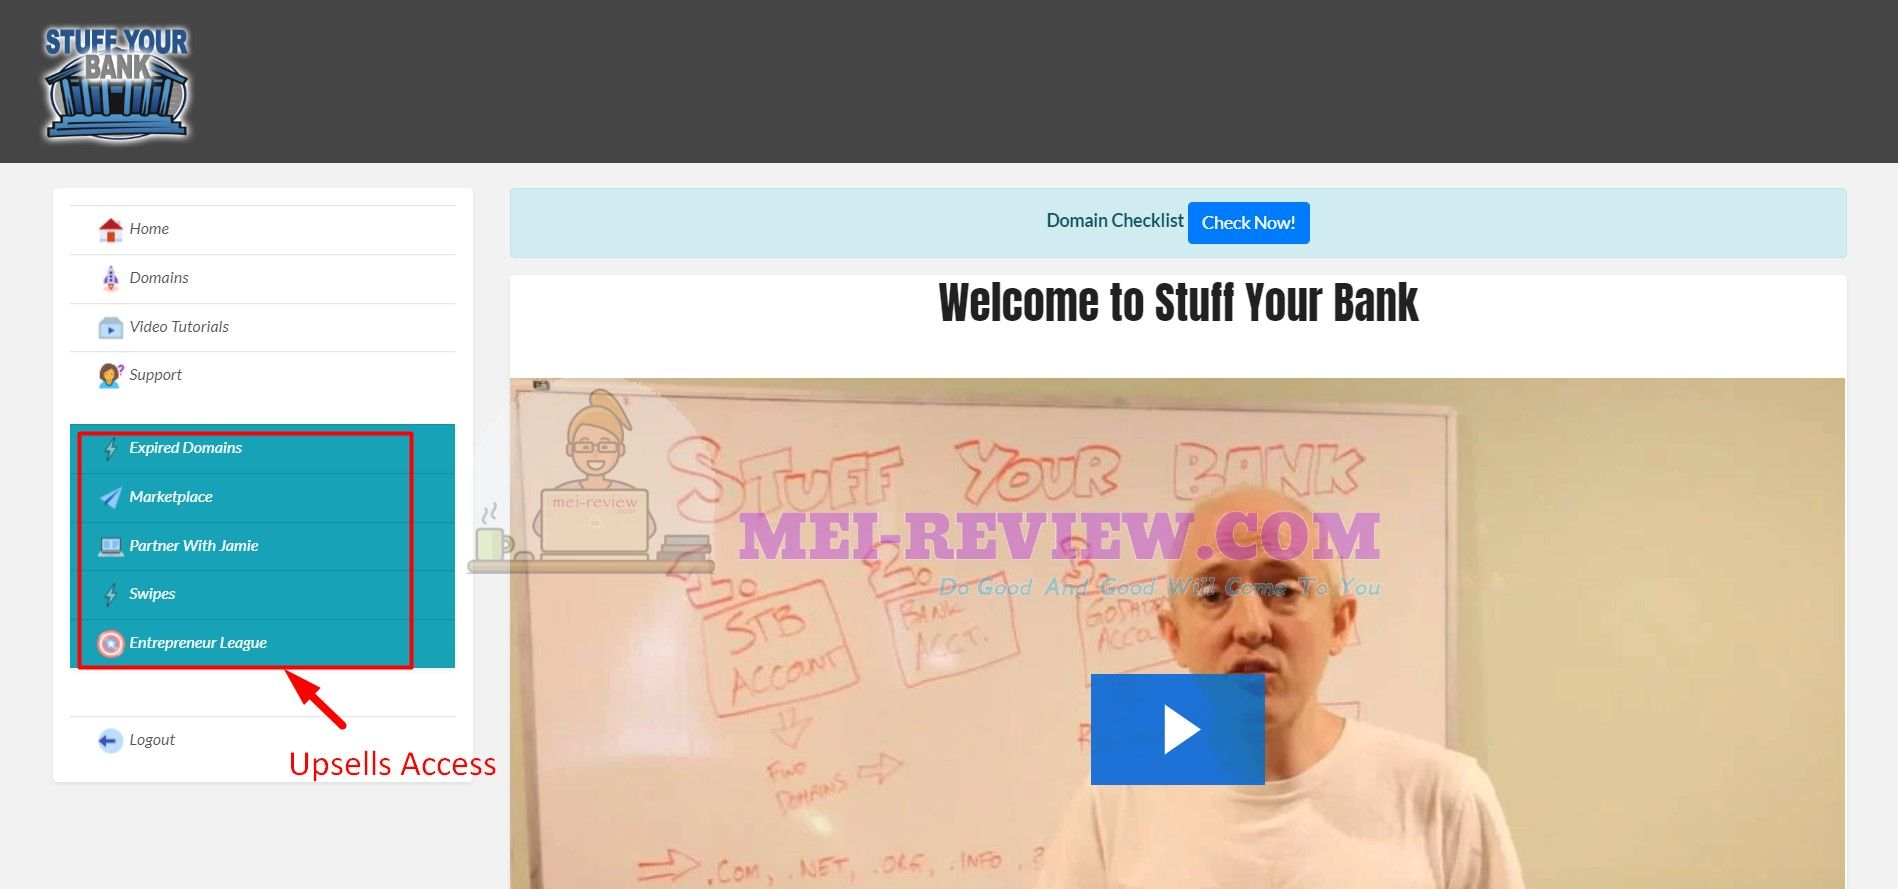 Stuff-Your-Bank-Upsells